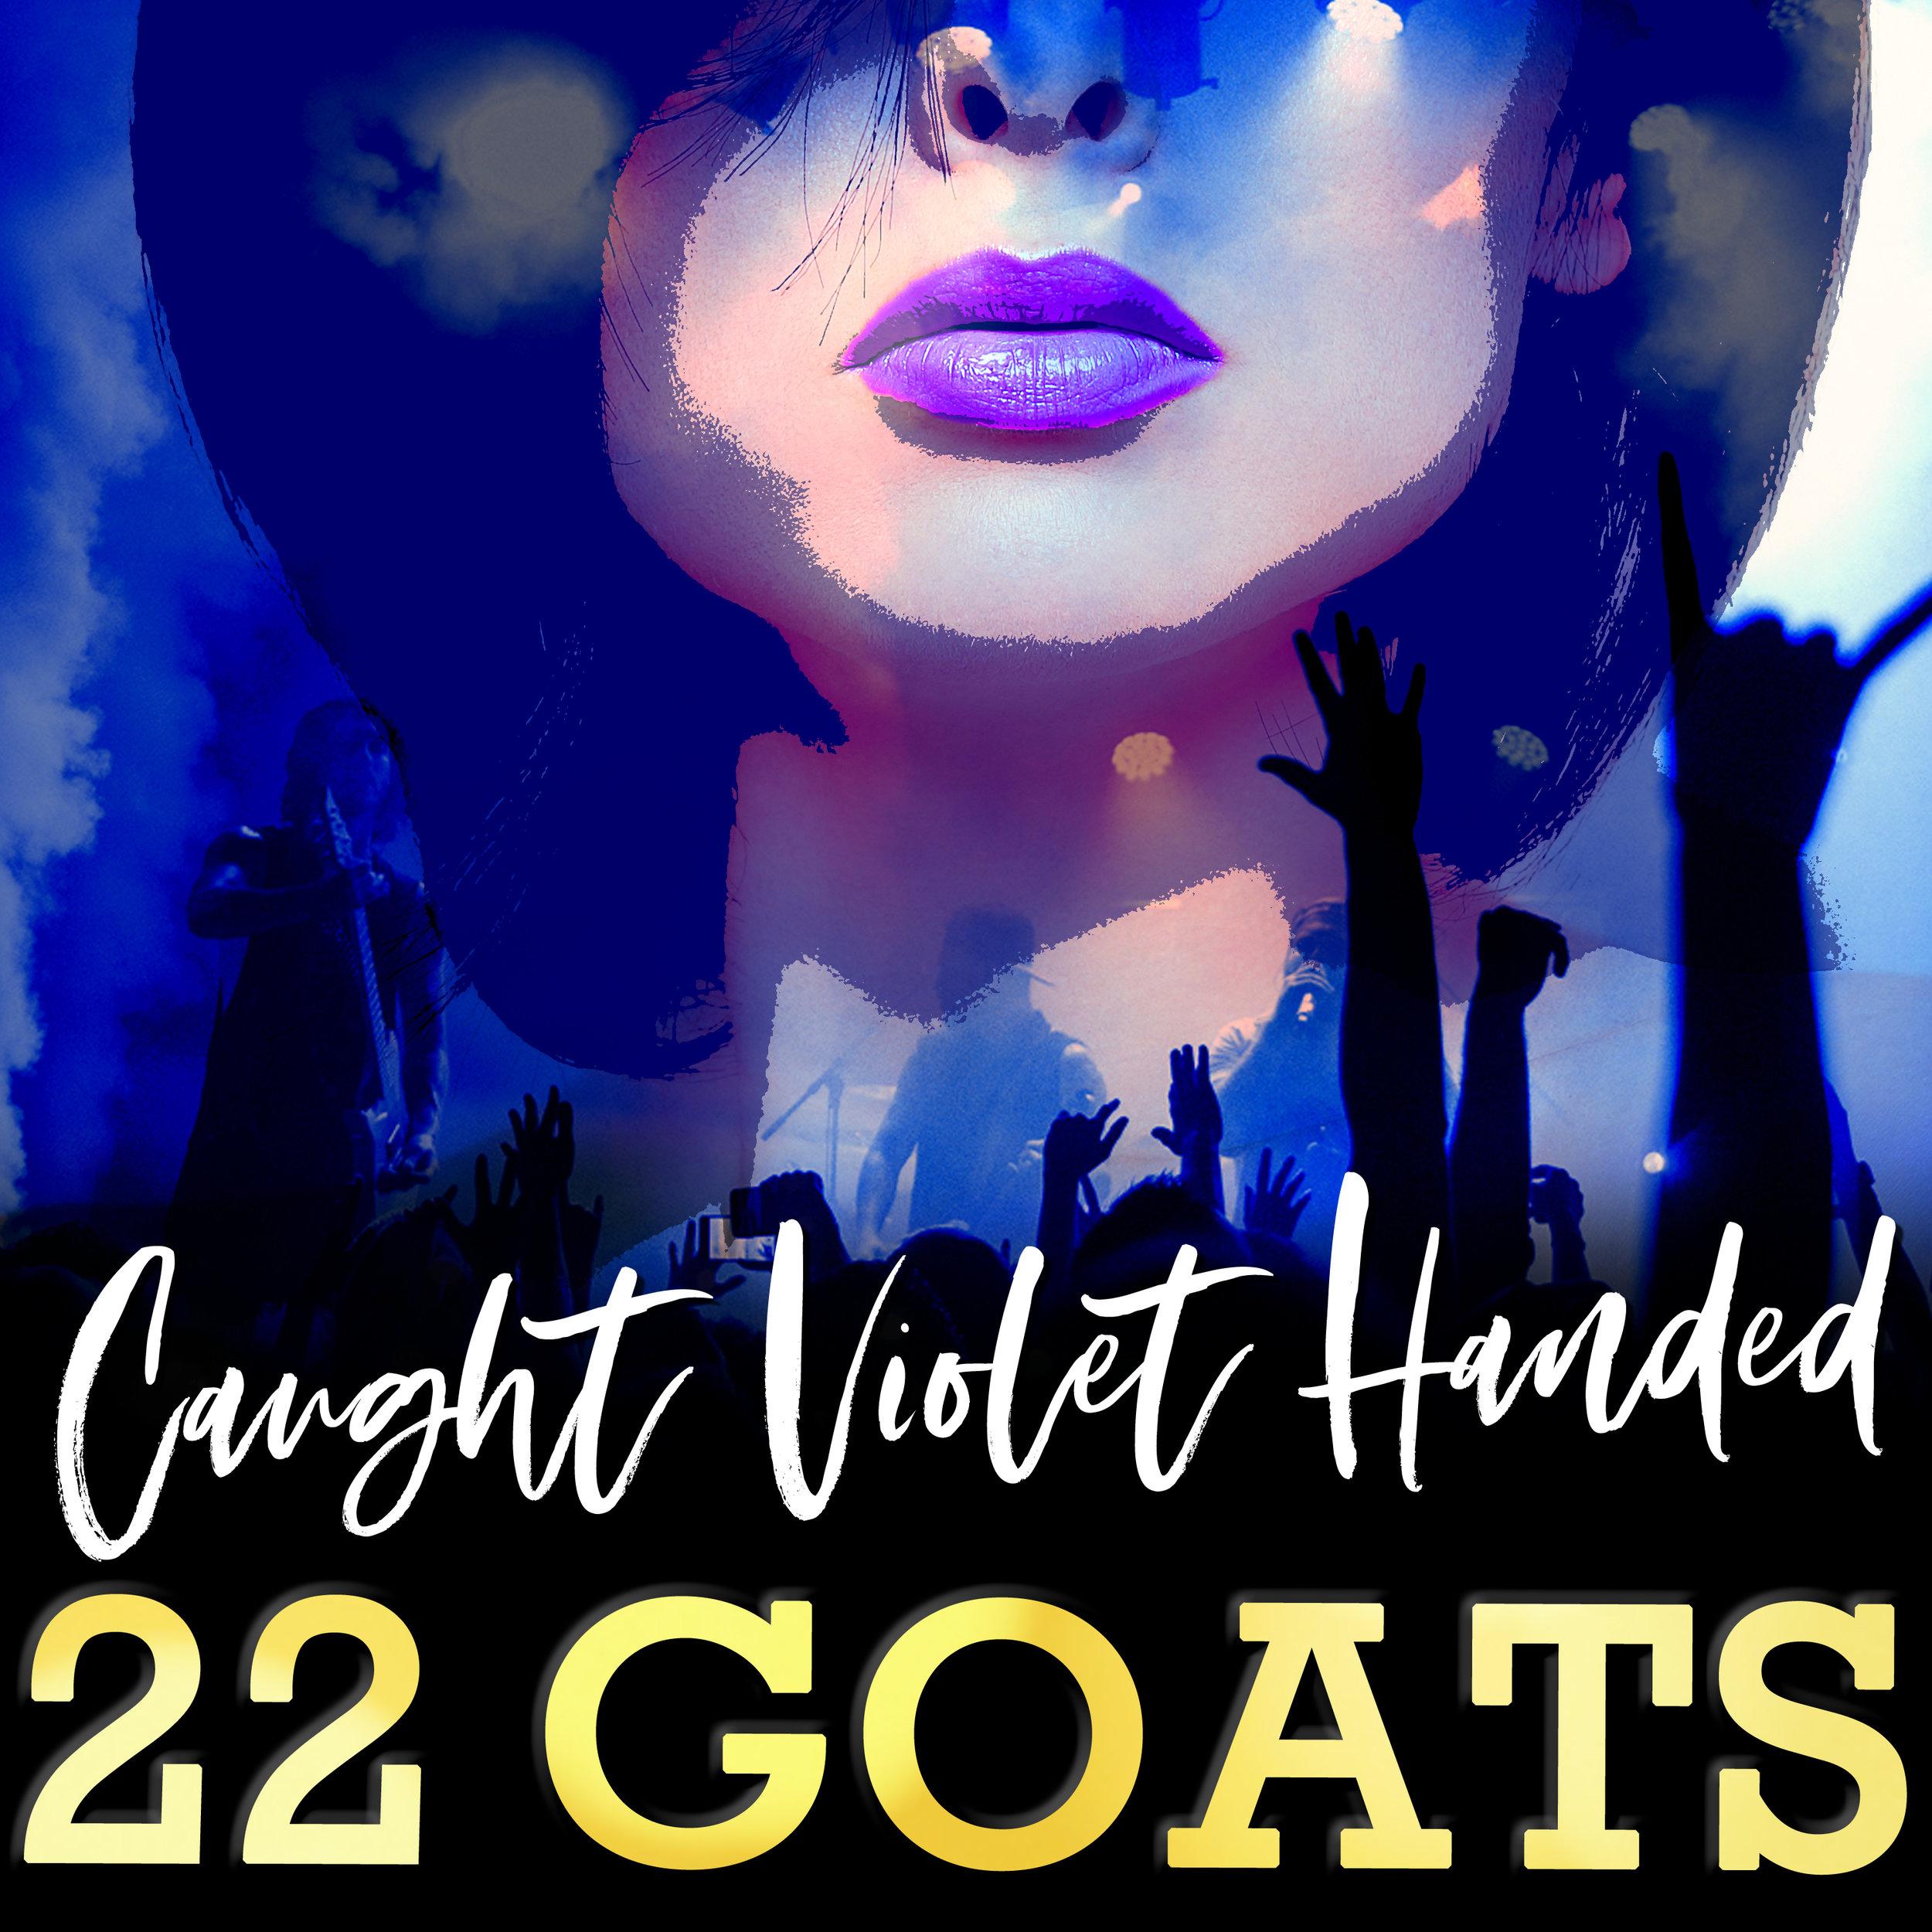 22 GOATS Caught VH.jpg